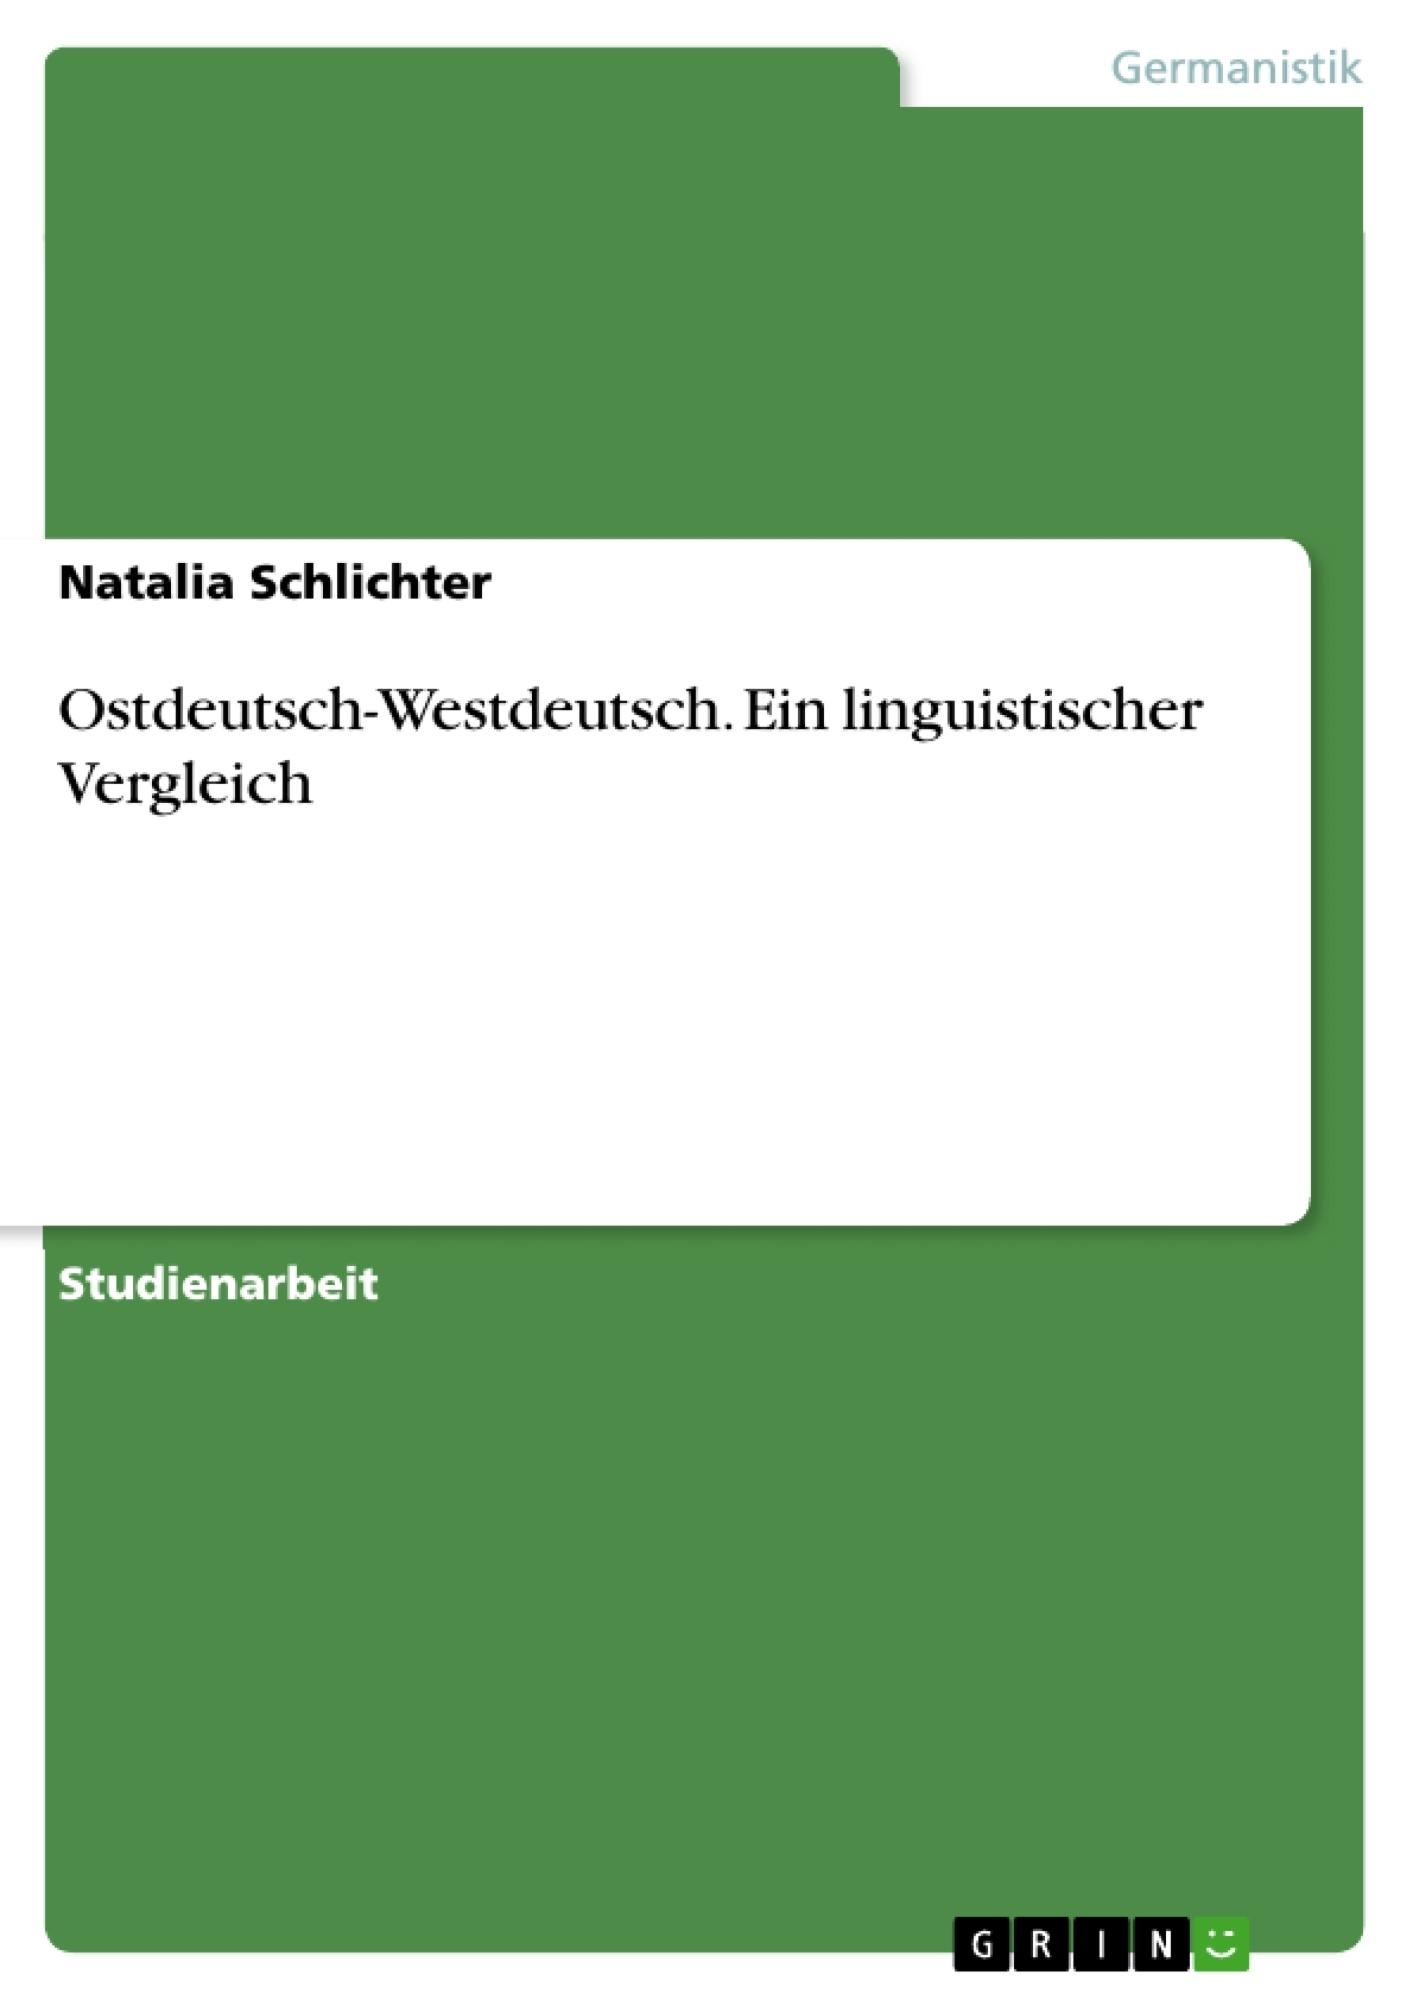 Titel: Ostdeutsch-Westdeutsch. Ein linguistischer Vergleich